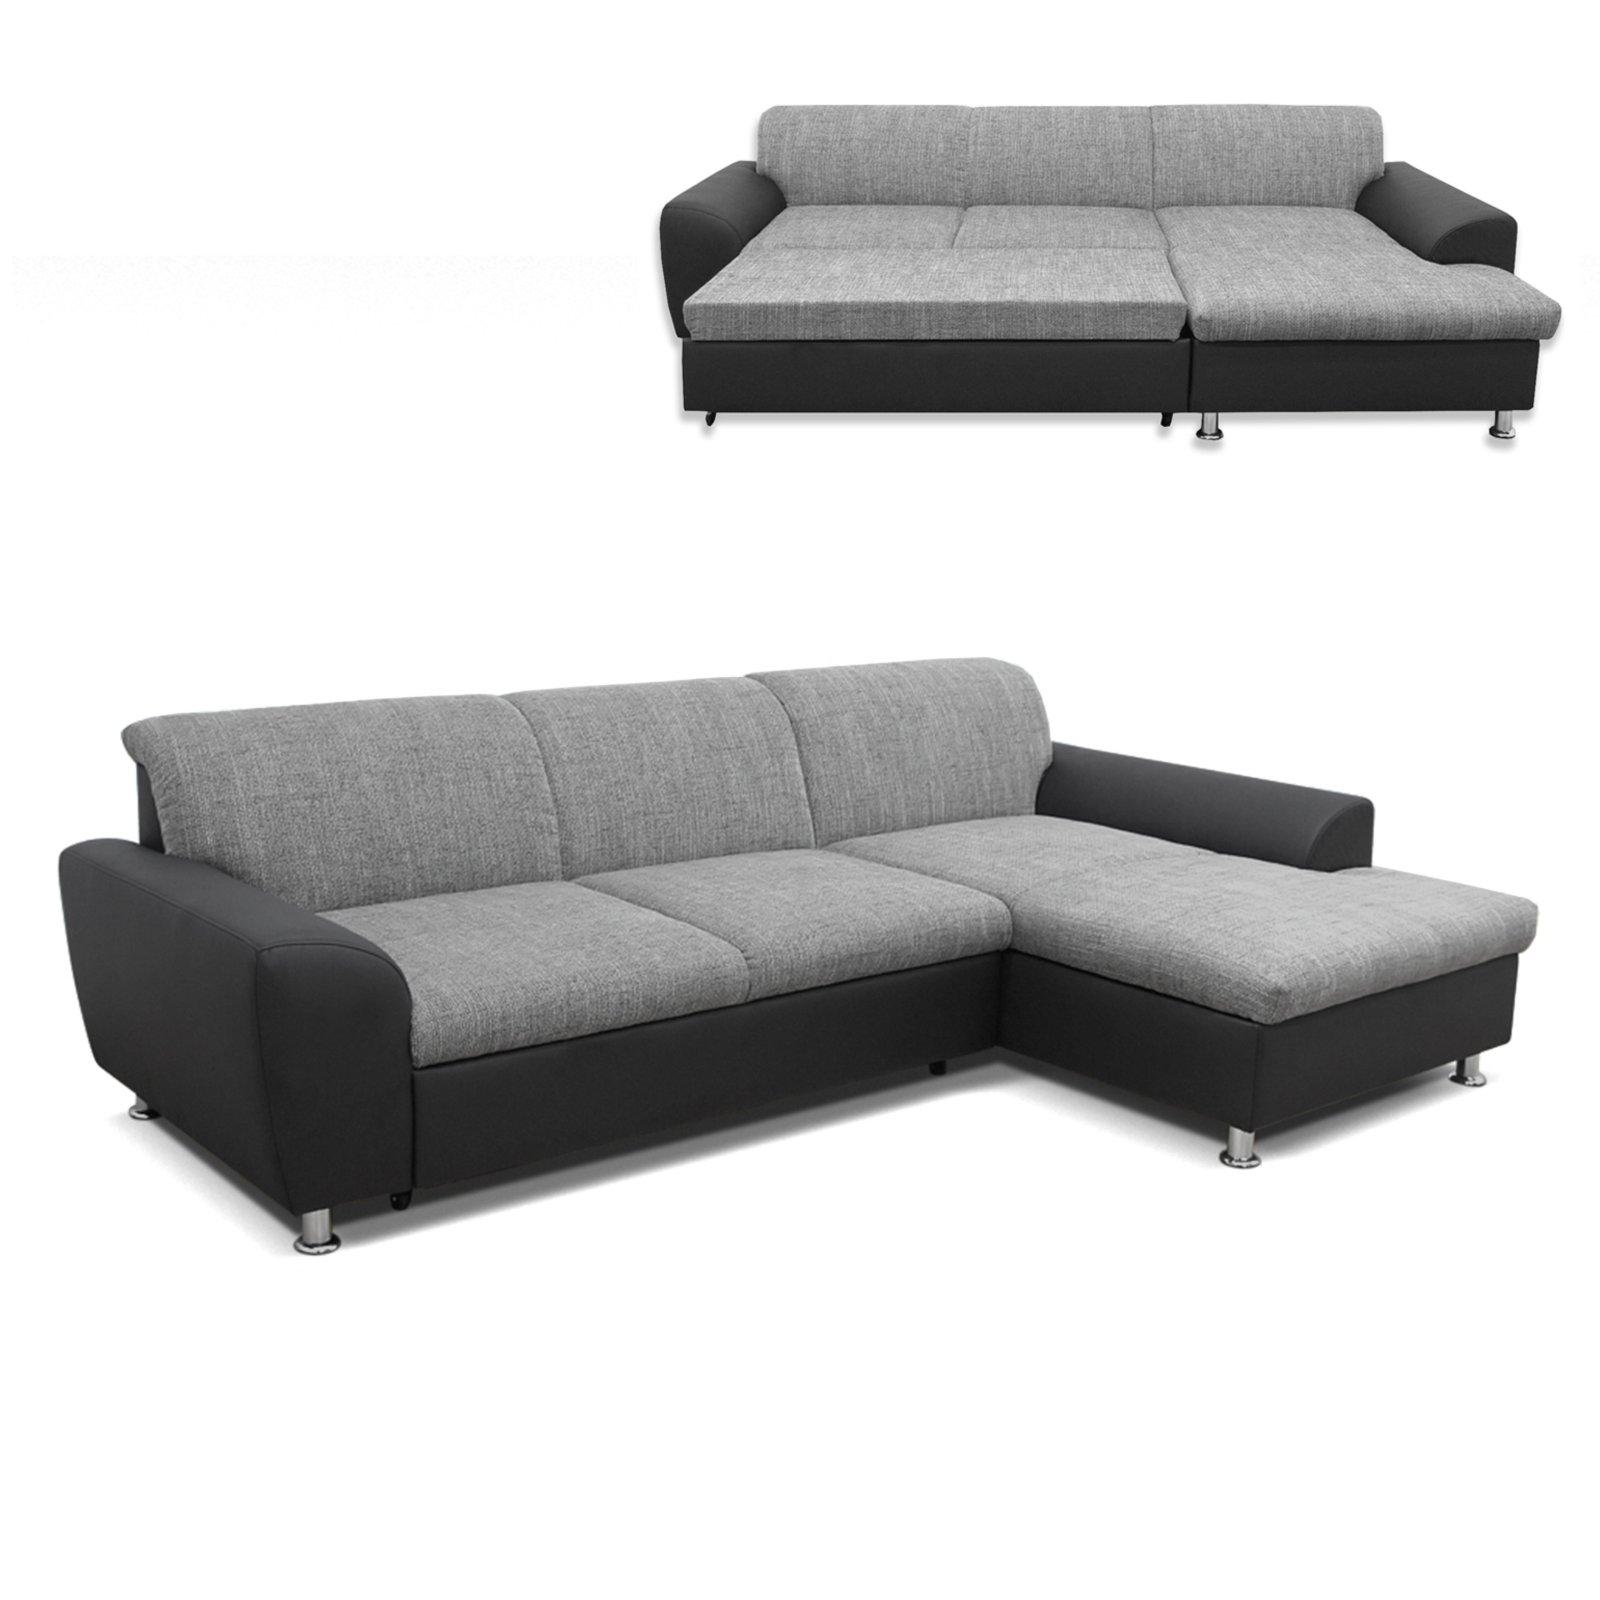 polsterecke wei grau schwarz liegefunktion recamiere rechts ecksofas l form sofas. Black Bedroom Furniture Sets. Home Design Ideas